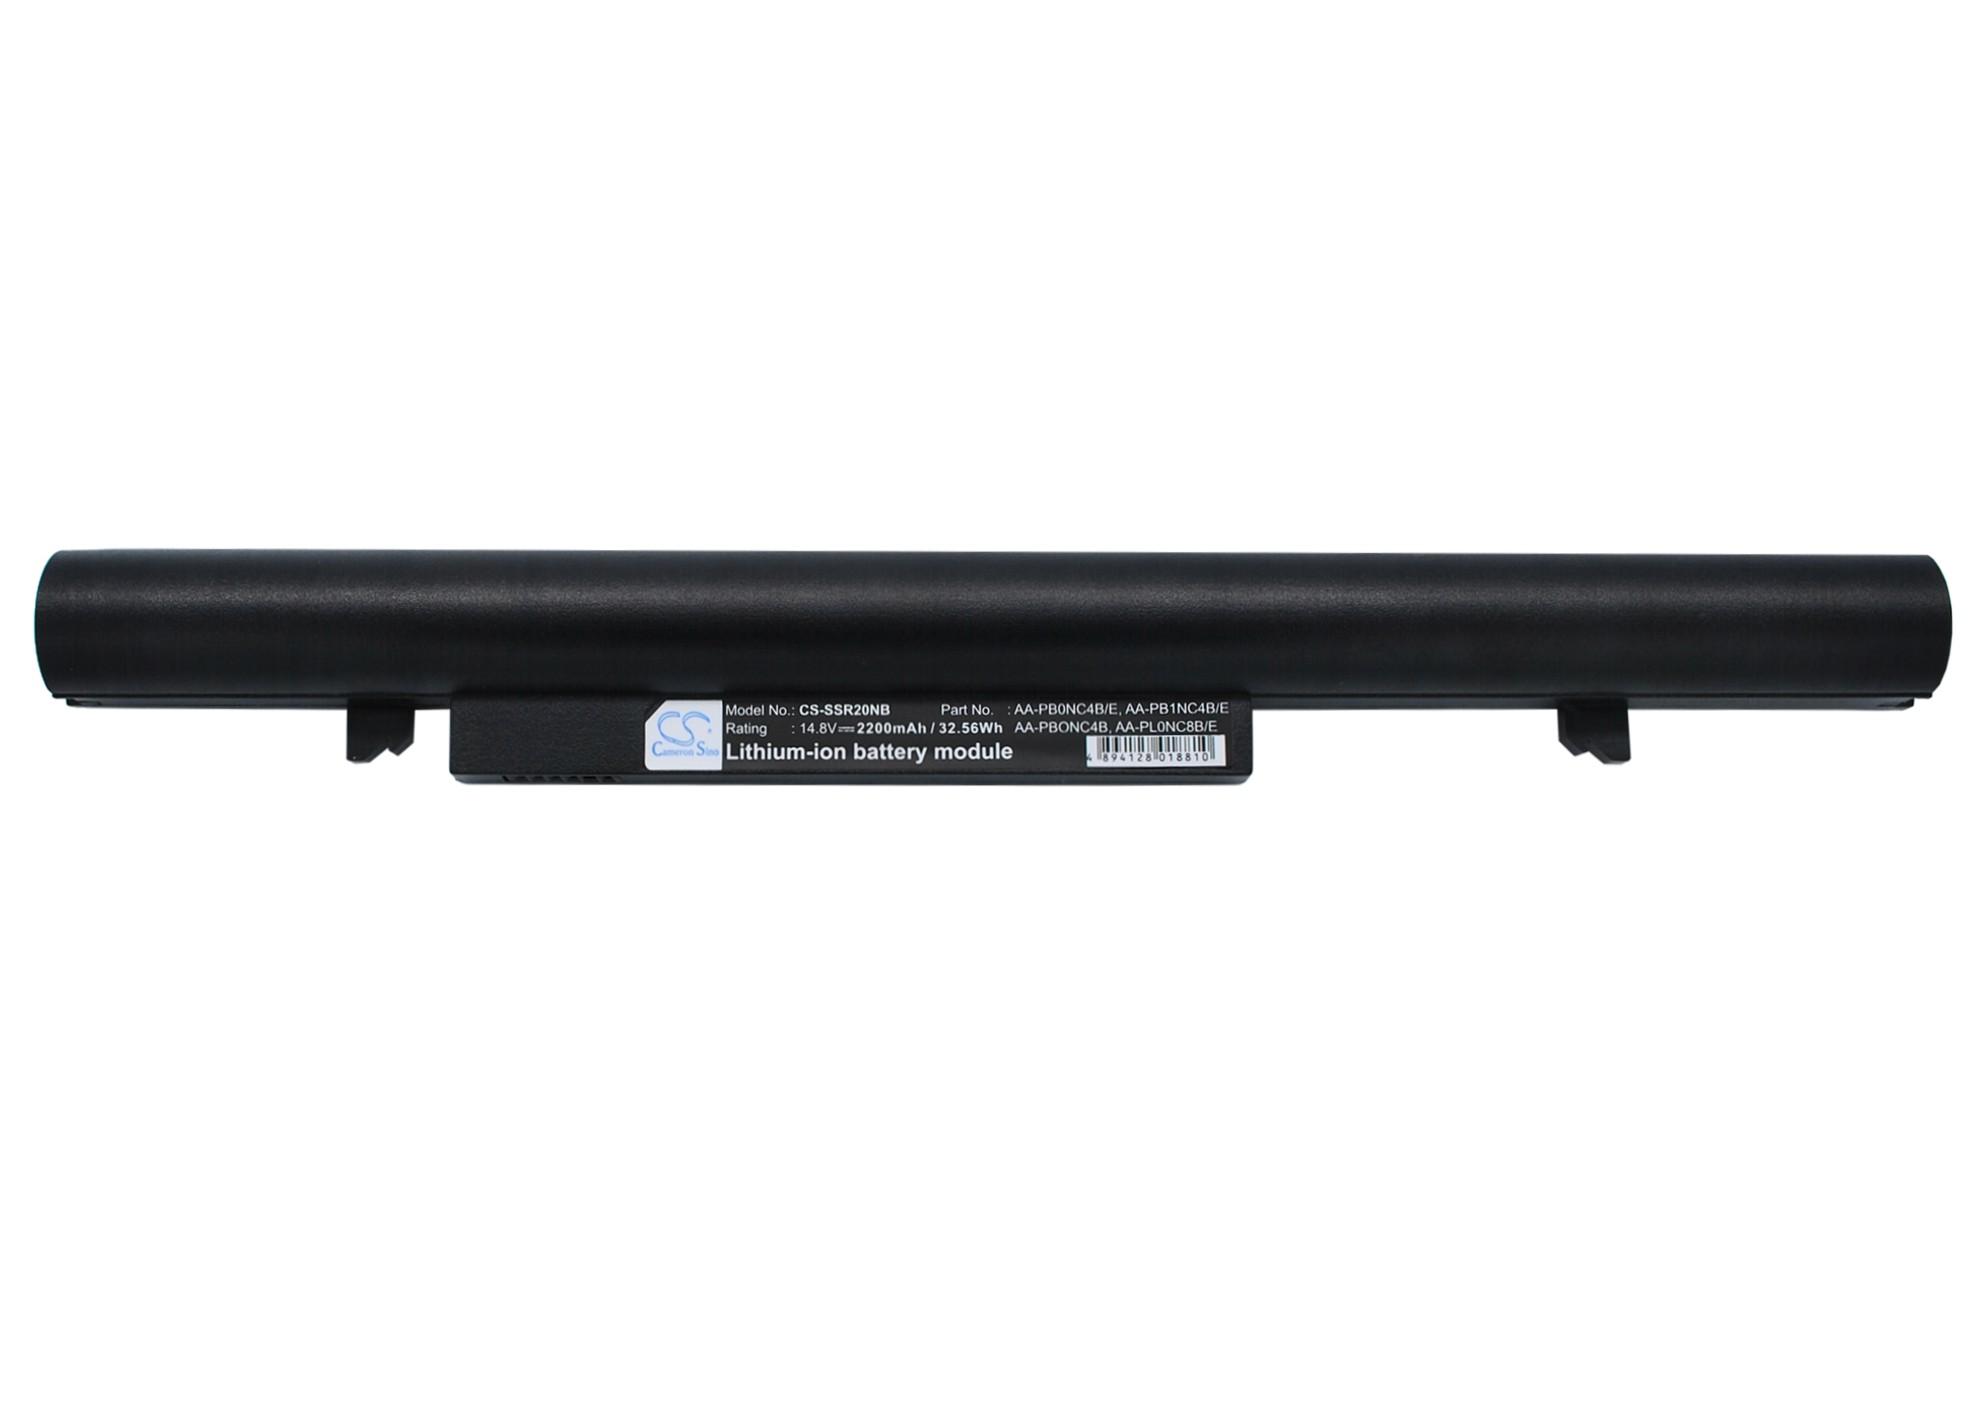 Cameron Sino baterie do notebooků pro SAMSUNG X11-T5500 CeSeba 14.8V Li-ion 2200mAh černá - neoriginální